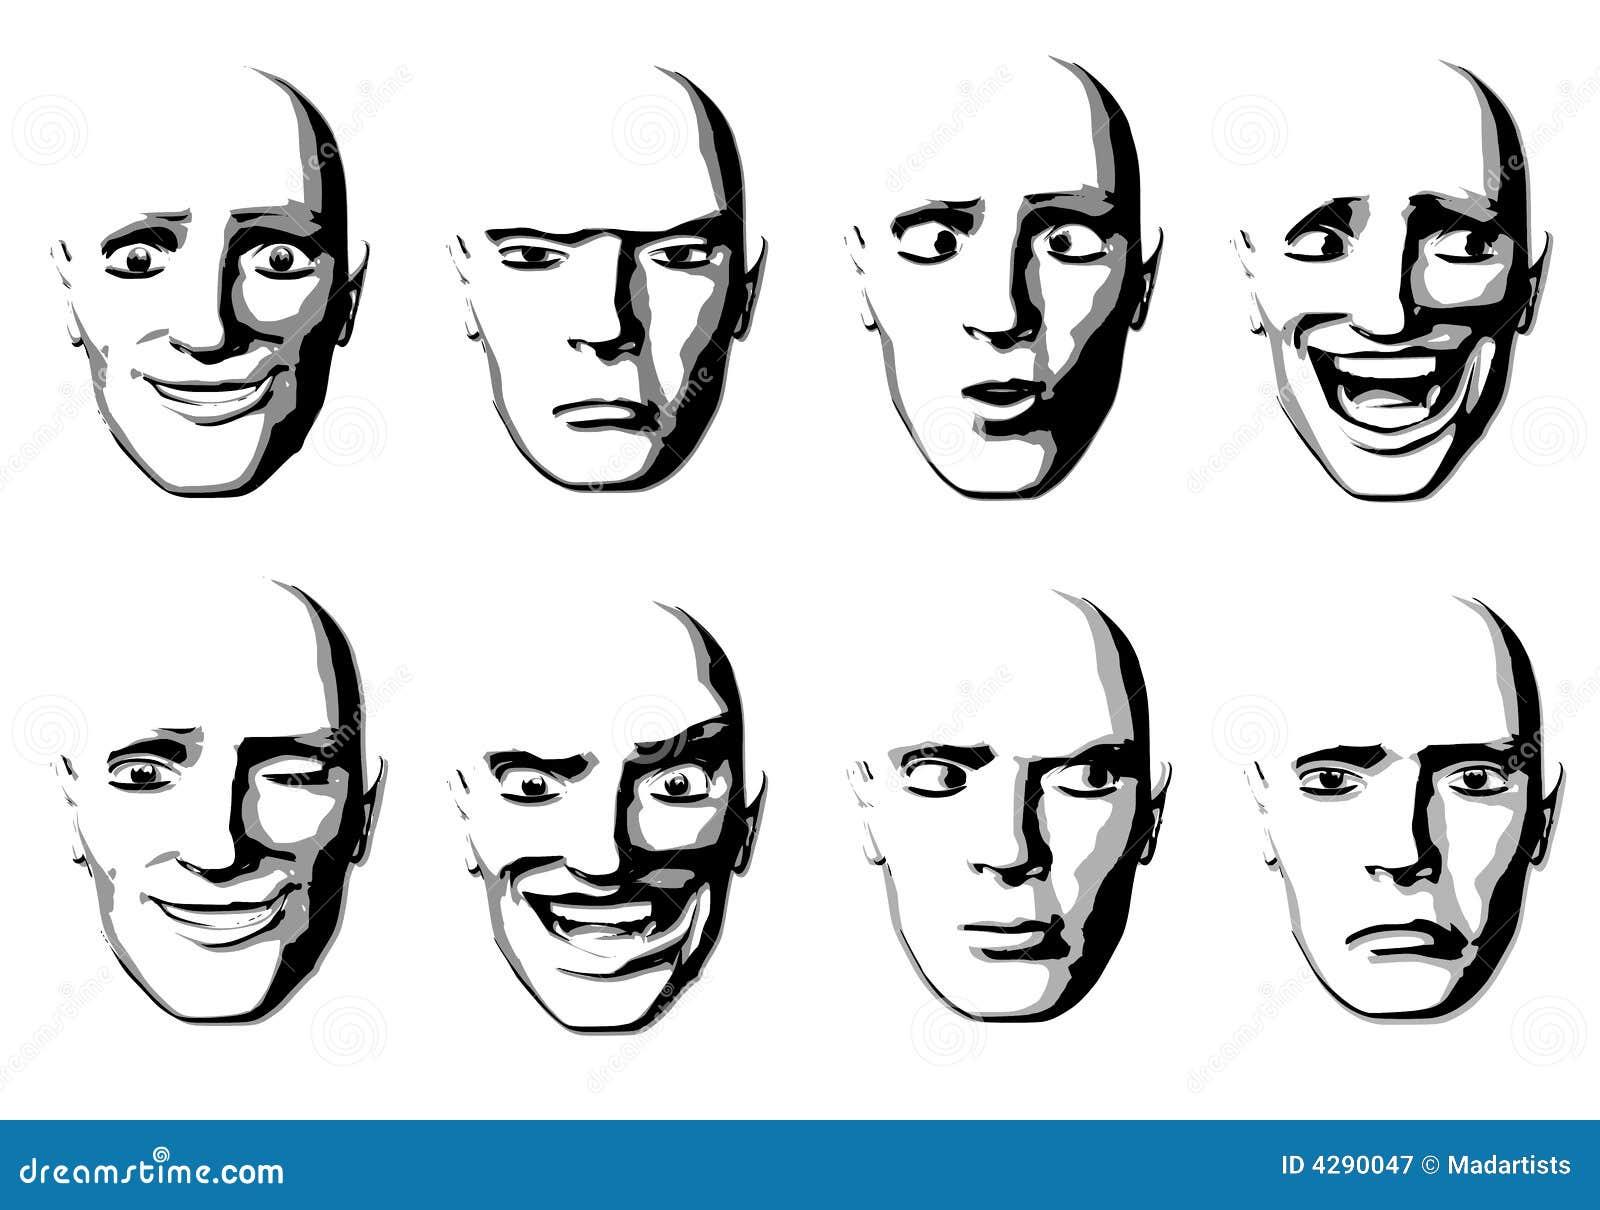 Abstract Facial Expressions Man